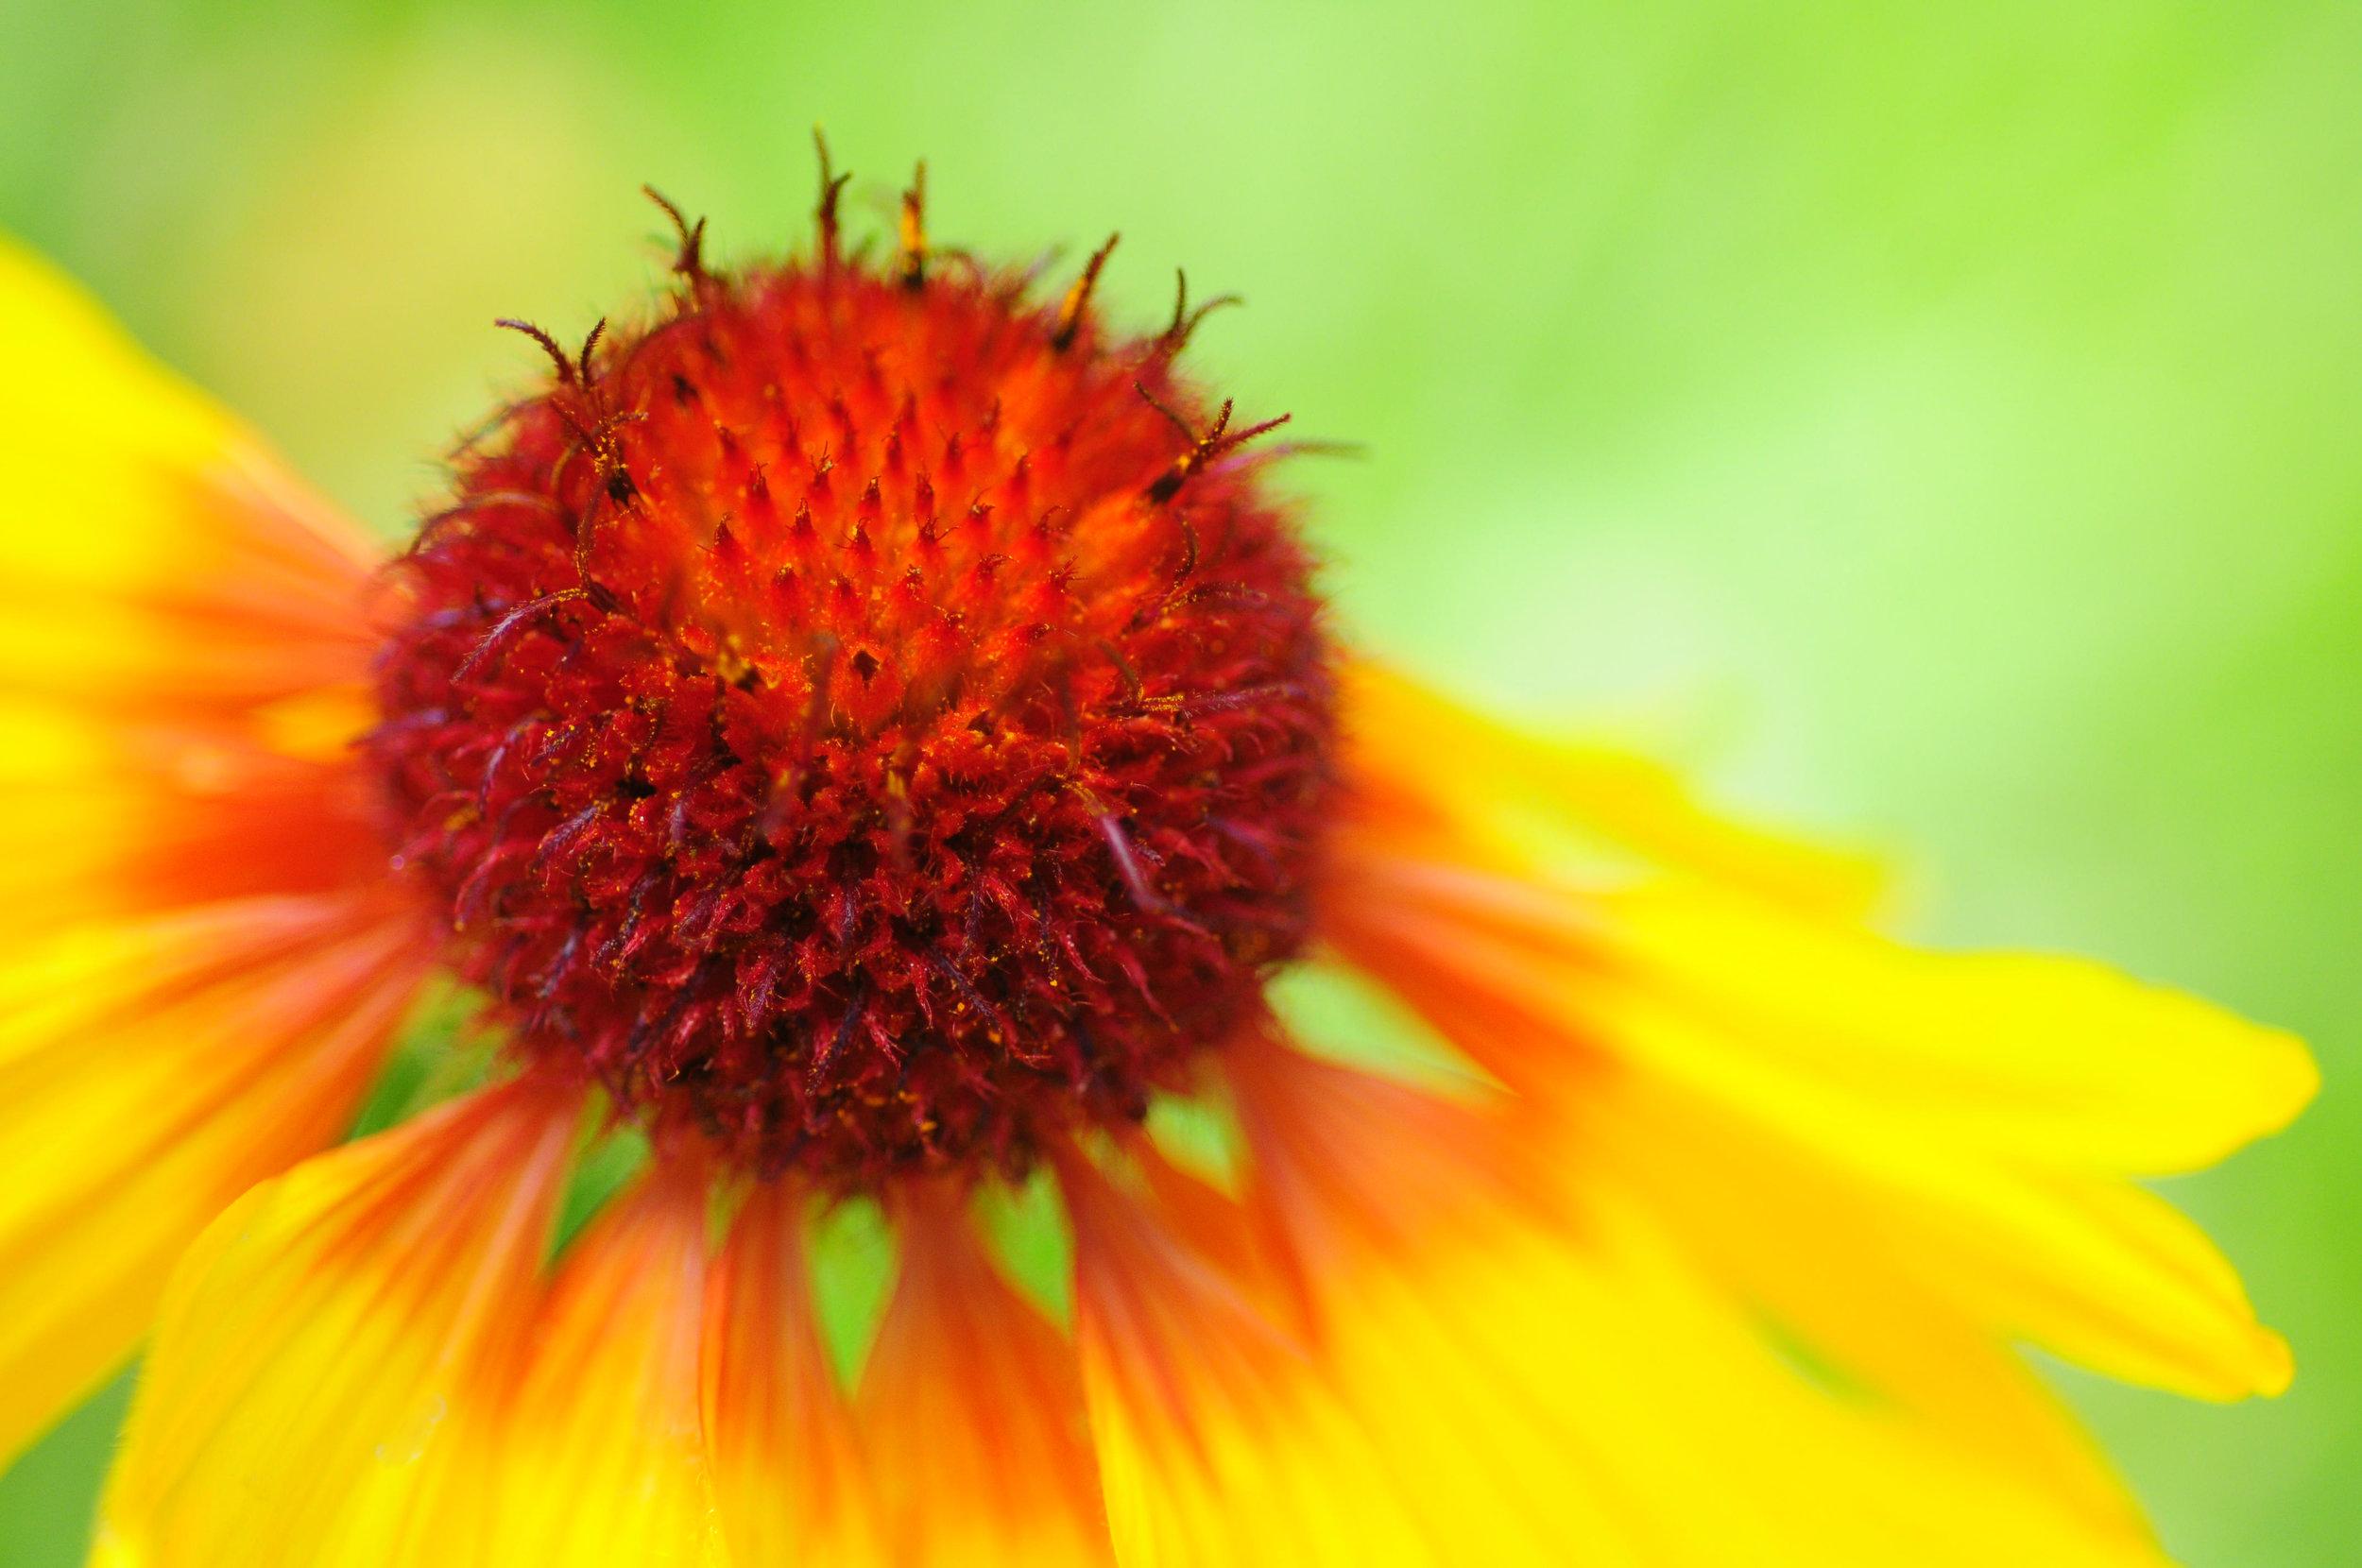 DSC_0266-flower2015 bridgett thompson.jpg